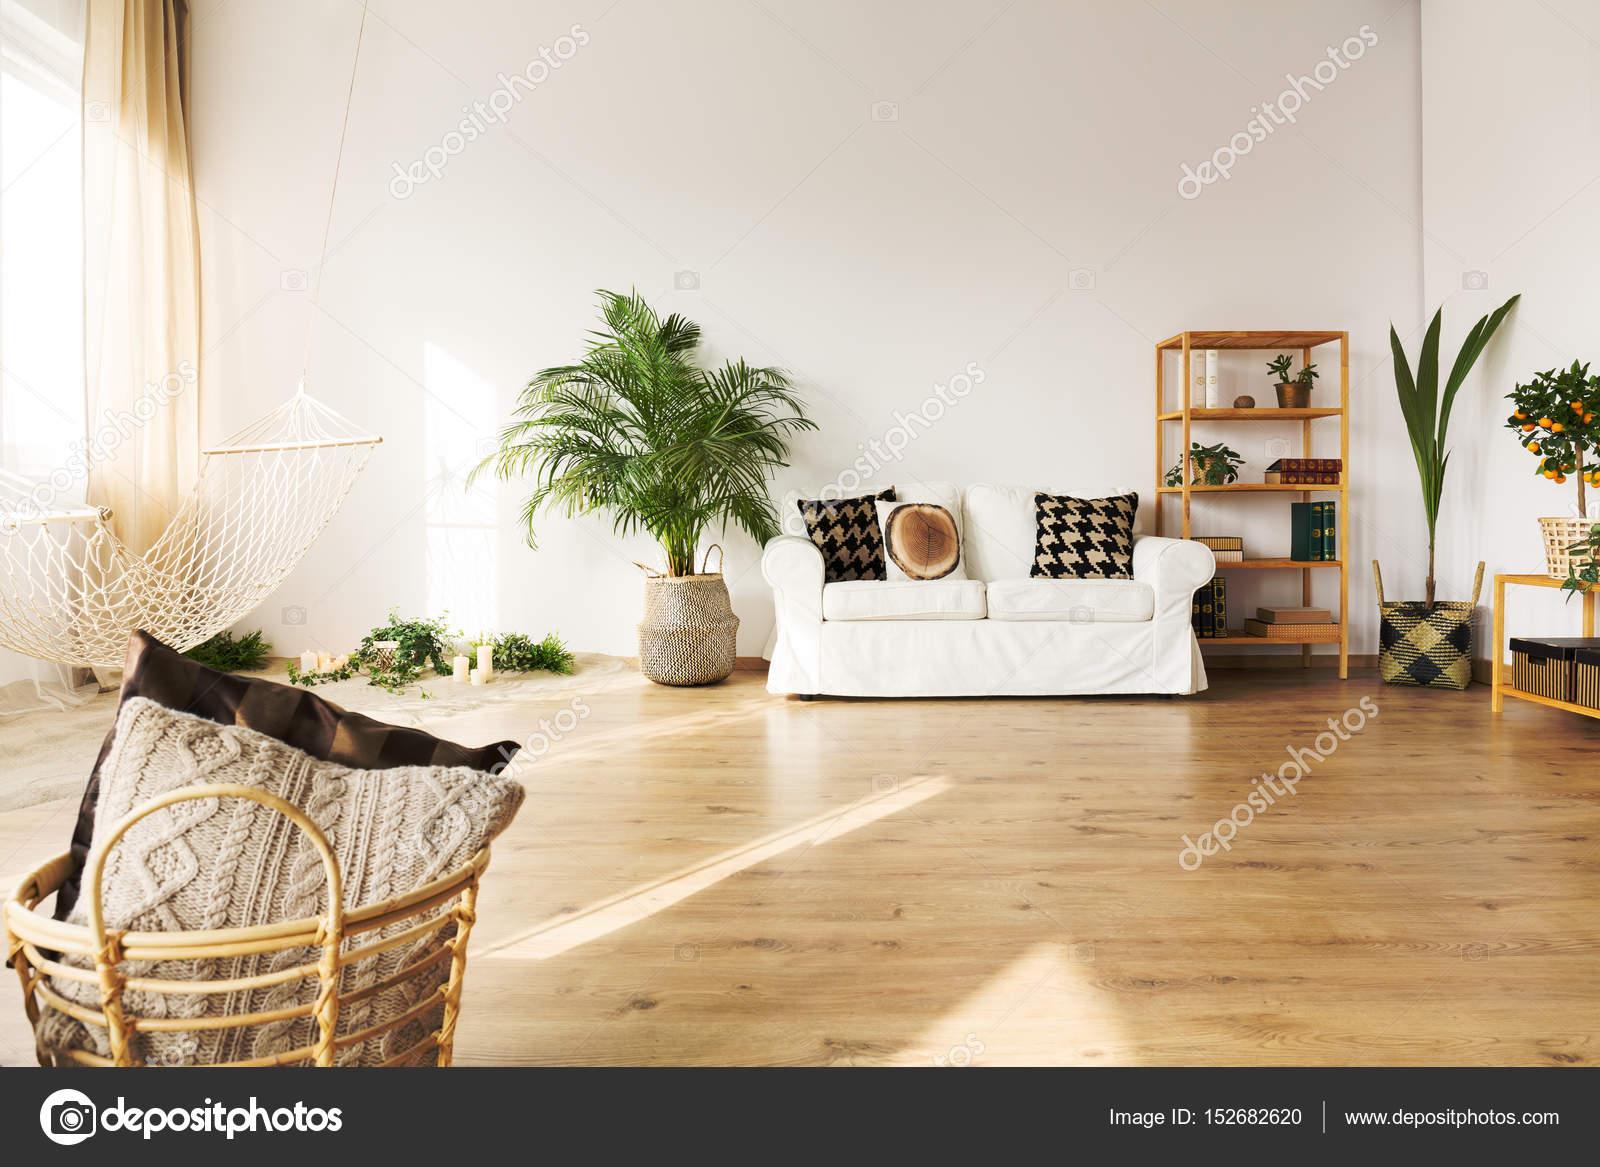 Perfekte Wohnzimmer Mit Sofa U2014 Stockfoto